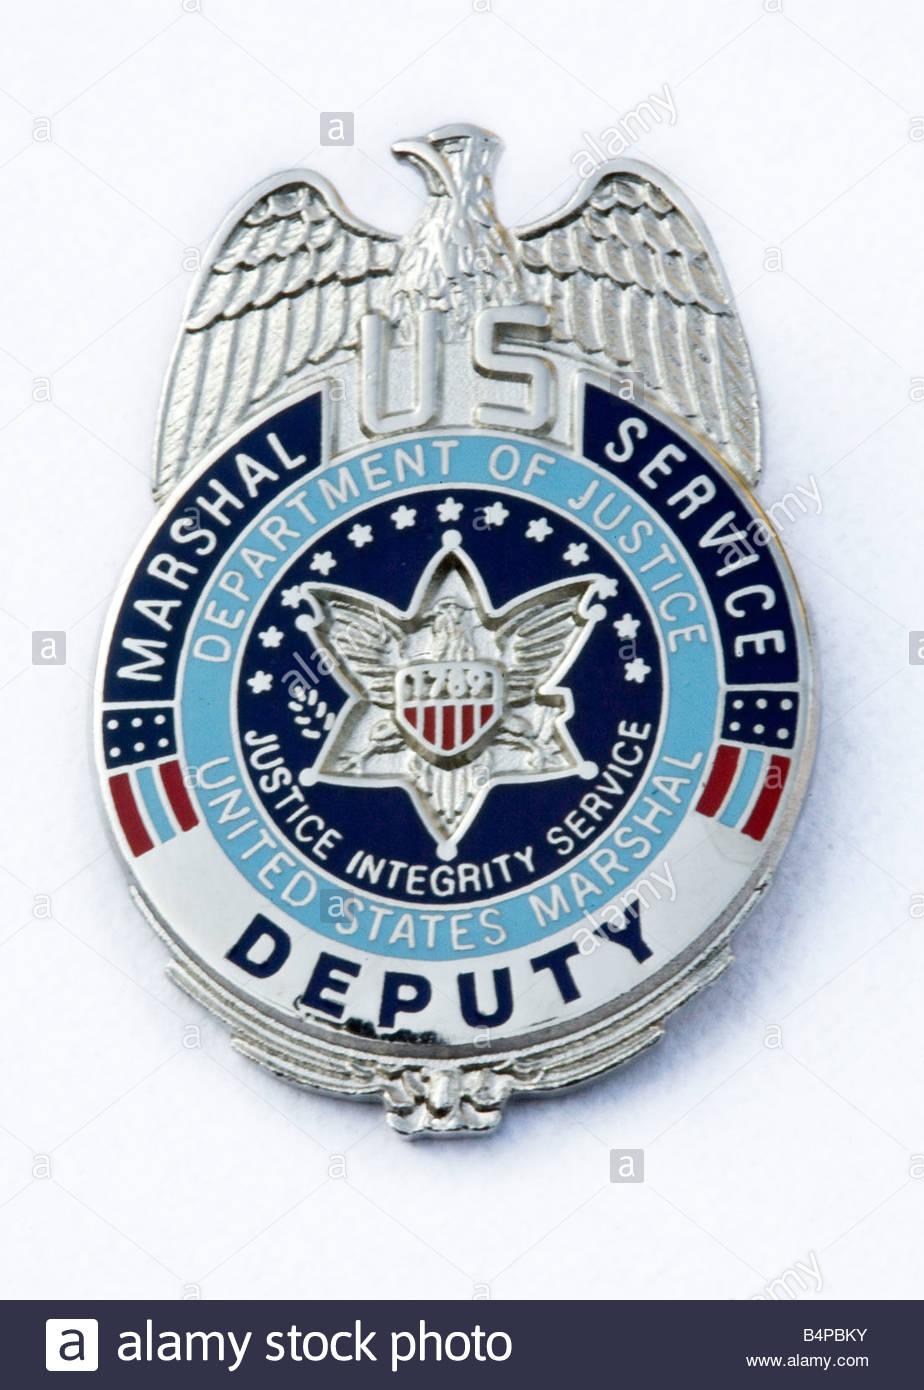 U.S. Justice Department